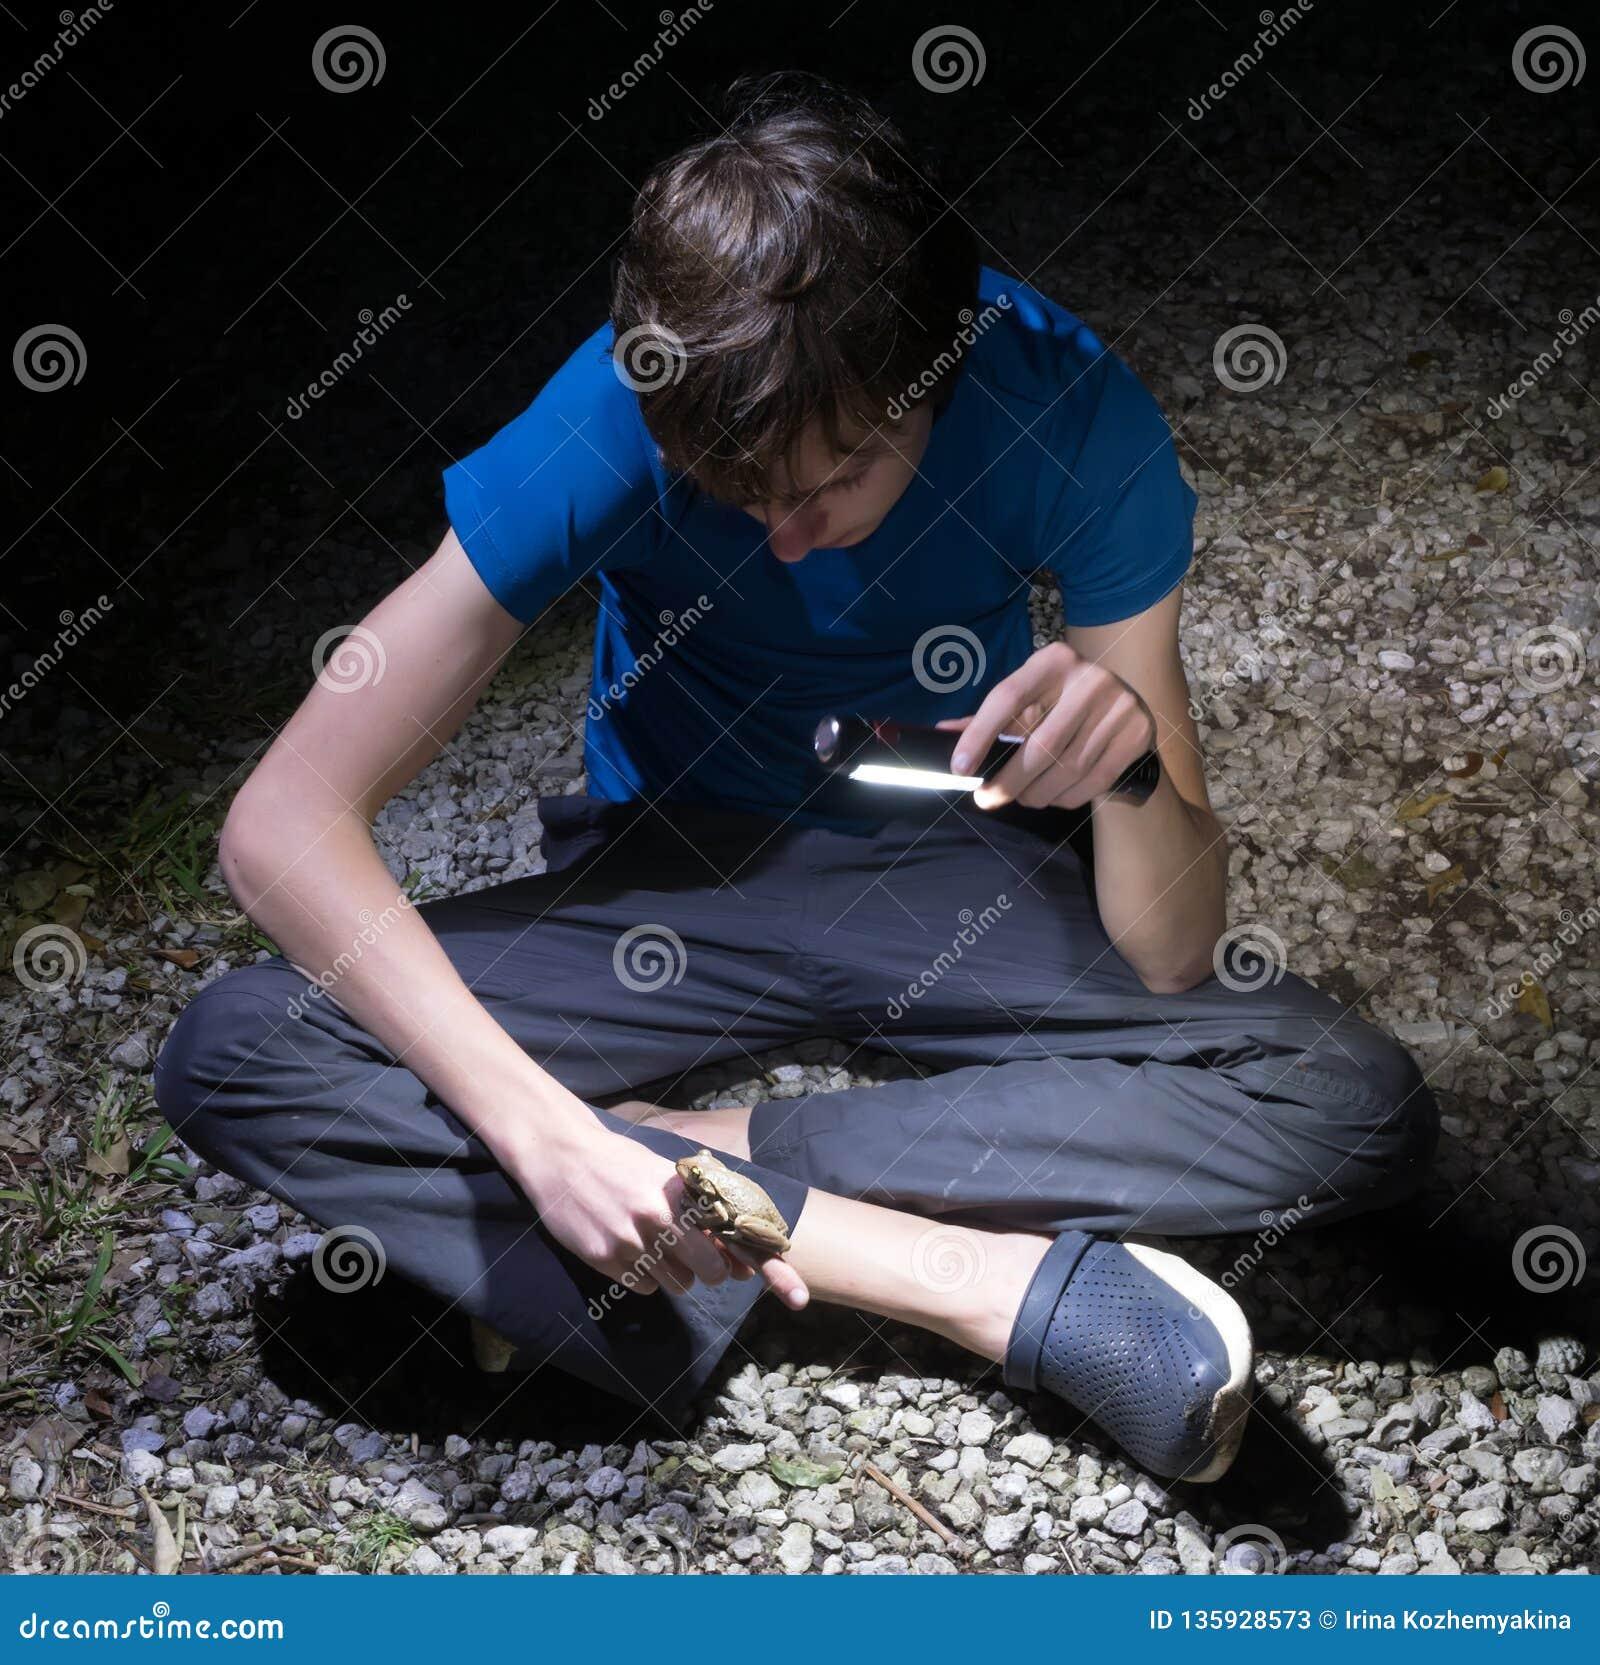 Κουβανικά septentrionalis Treefrog Osteopilus Το αγόρι λάμπει ένας φακός και εξετάζει το βάτραχο, ο οποίος κάθεται σε ετοιμότητα